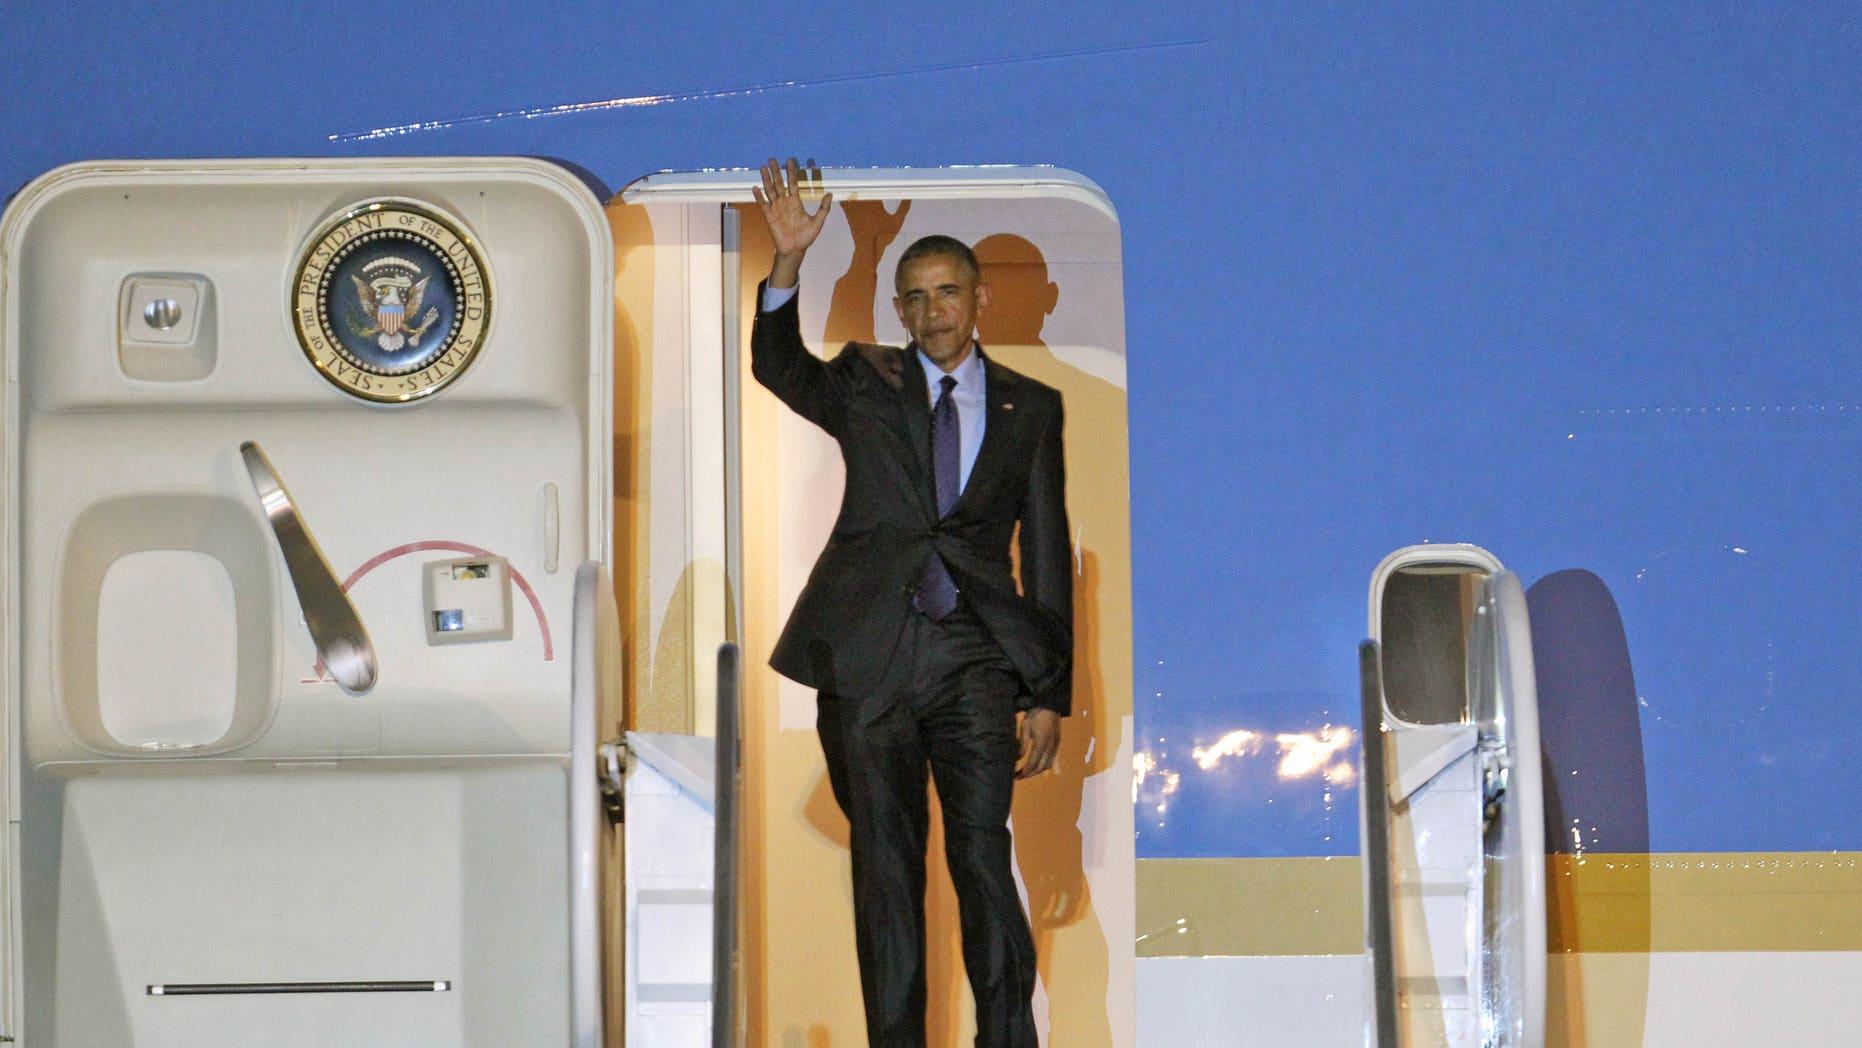 El presidente estadounidense Barack Obama saluda a su llegada a Kingston, Jamaica, el 8 de abril del 2015 en el comienzo de un viaje de tres días al Caribe y Centroamérica. (AP Foto/Ricardo Arduengo)